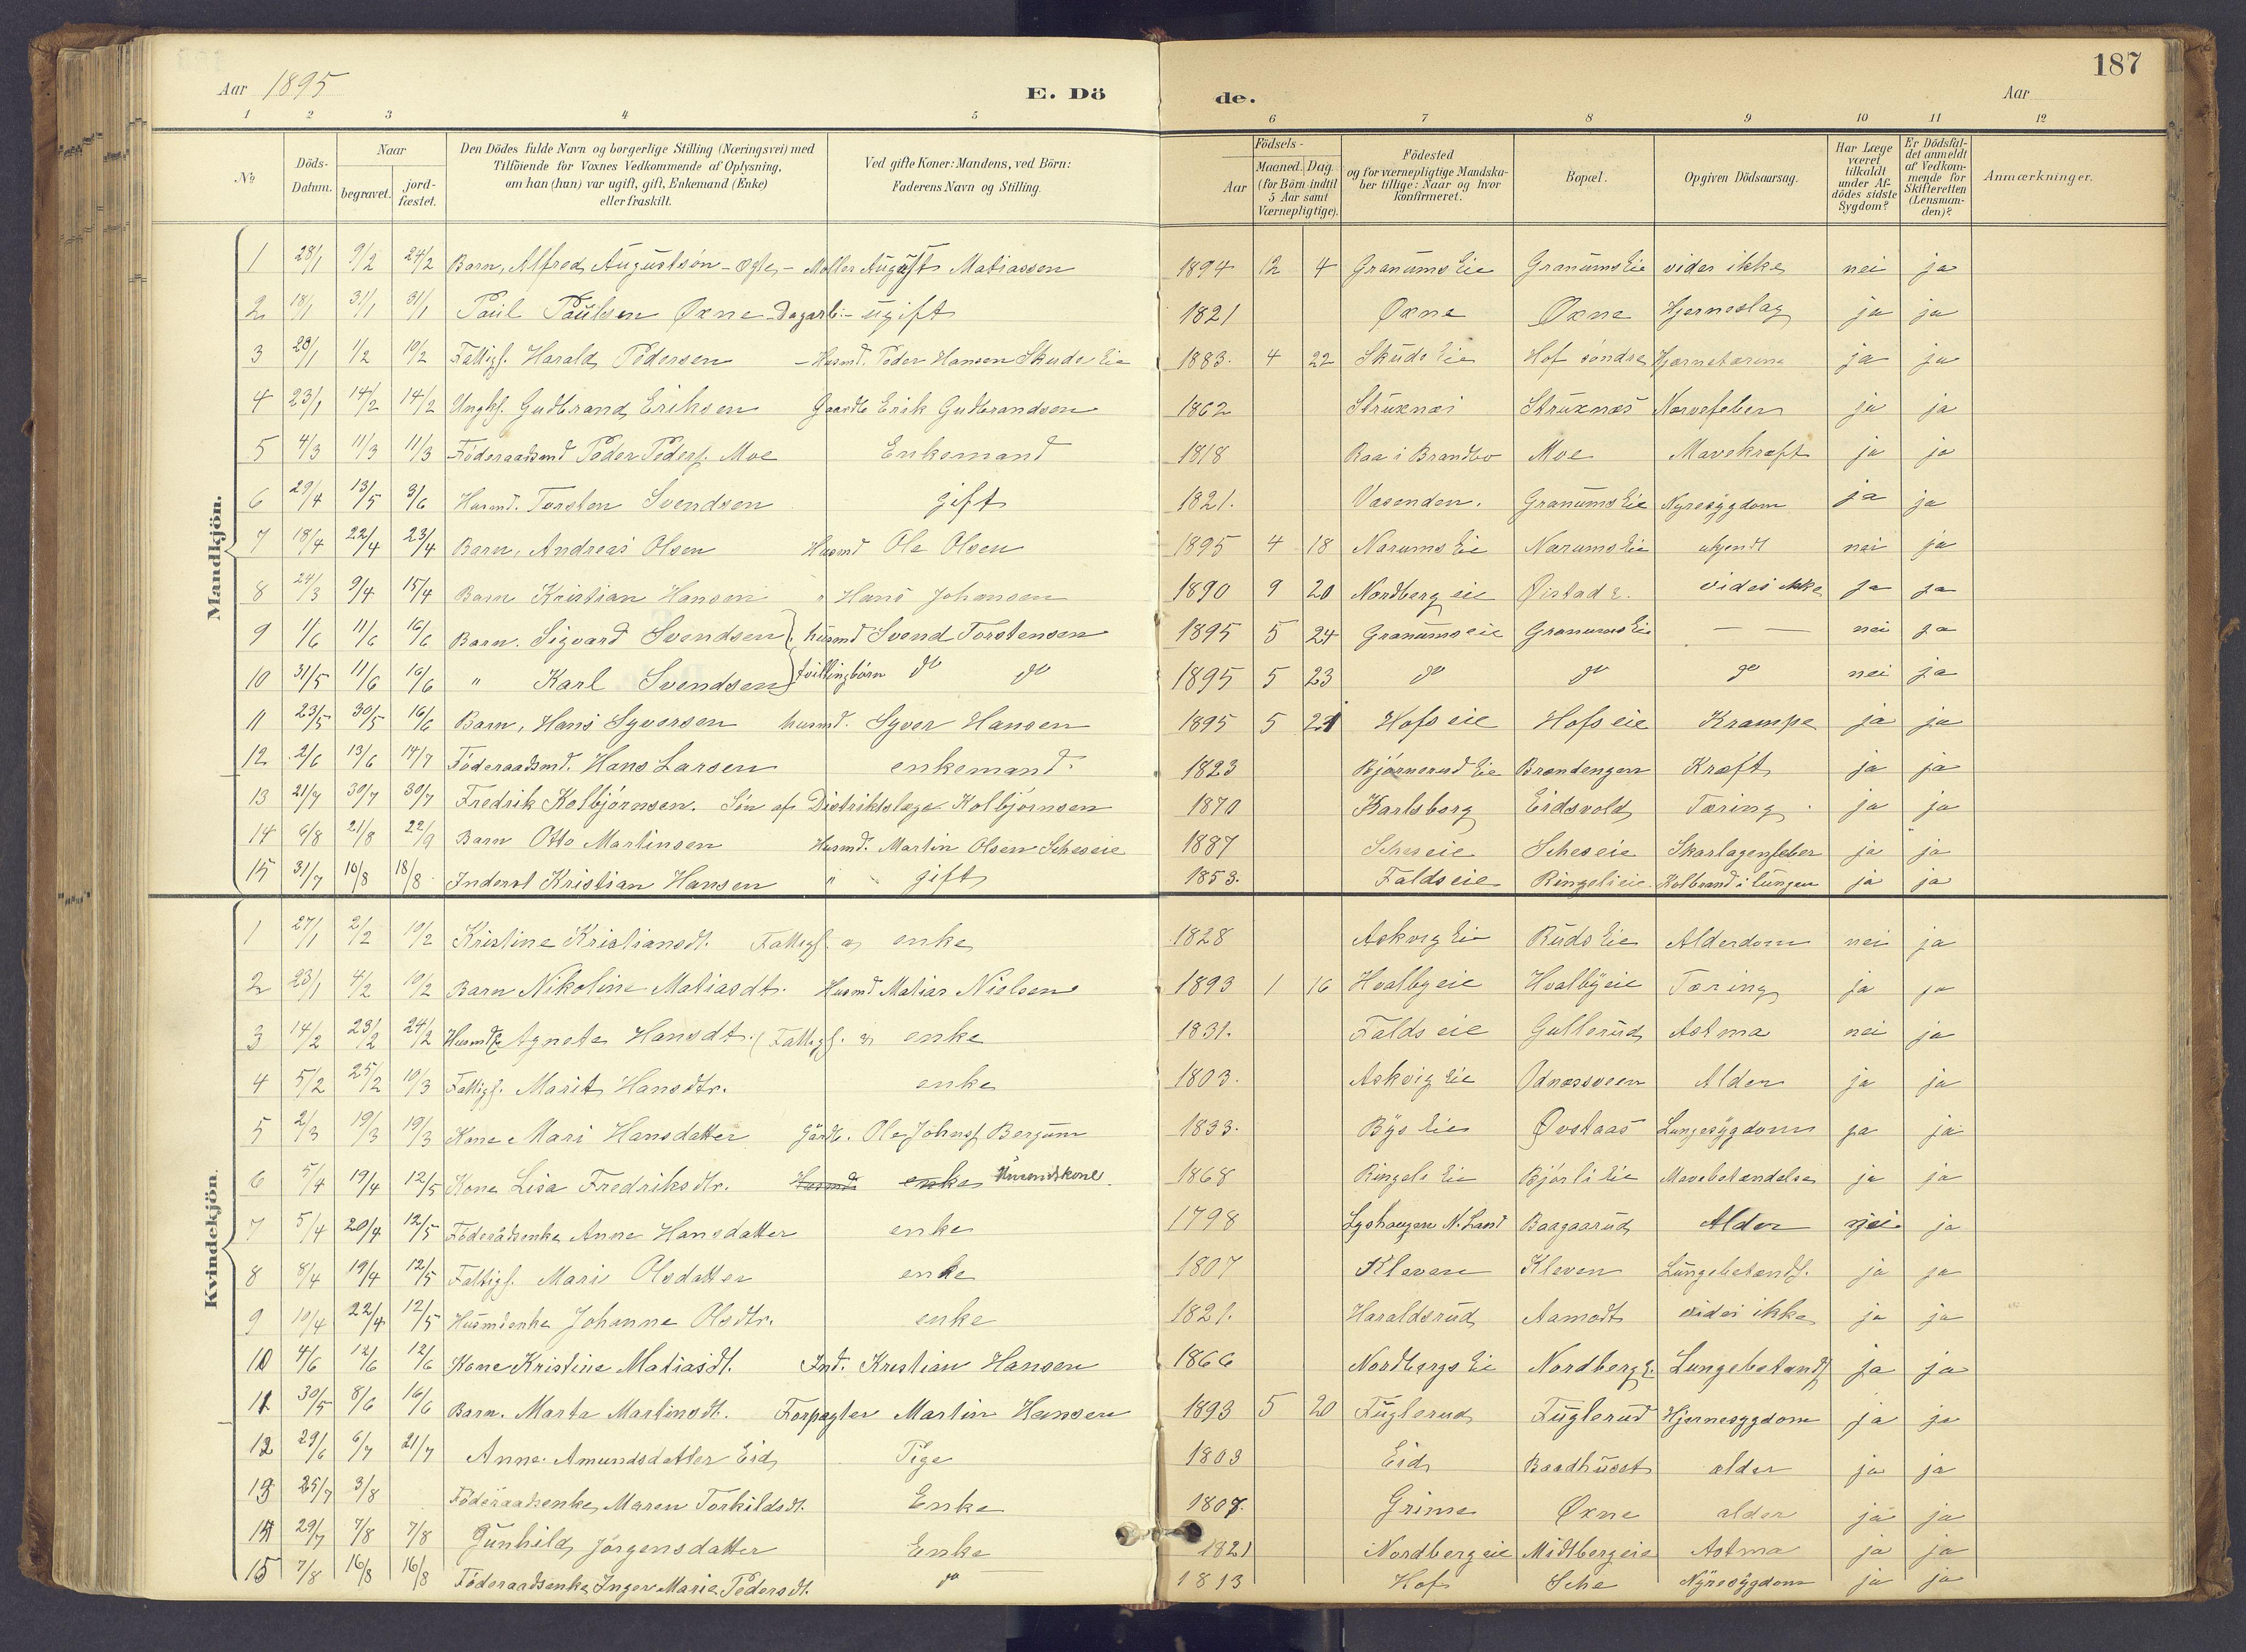 SAH, Søndre Land prestekontor, K/L0006: Parish register (official) no. 6, 1895-1904, p. 187